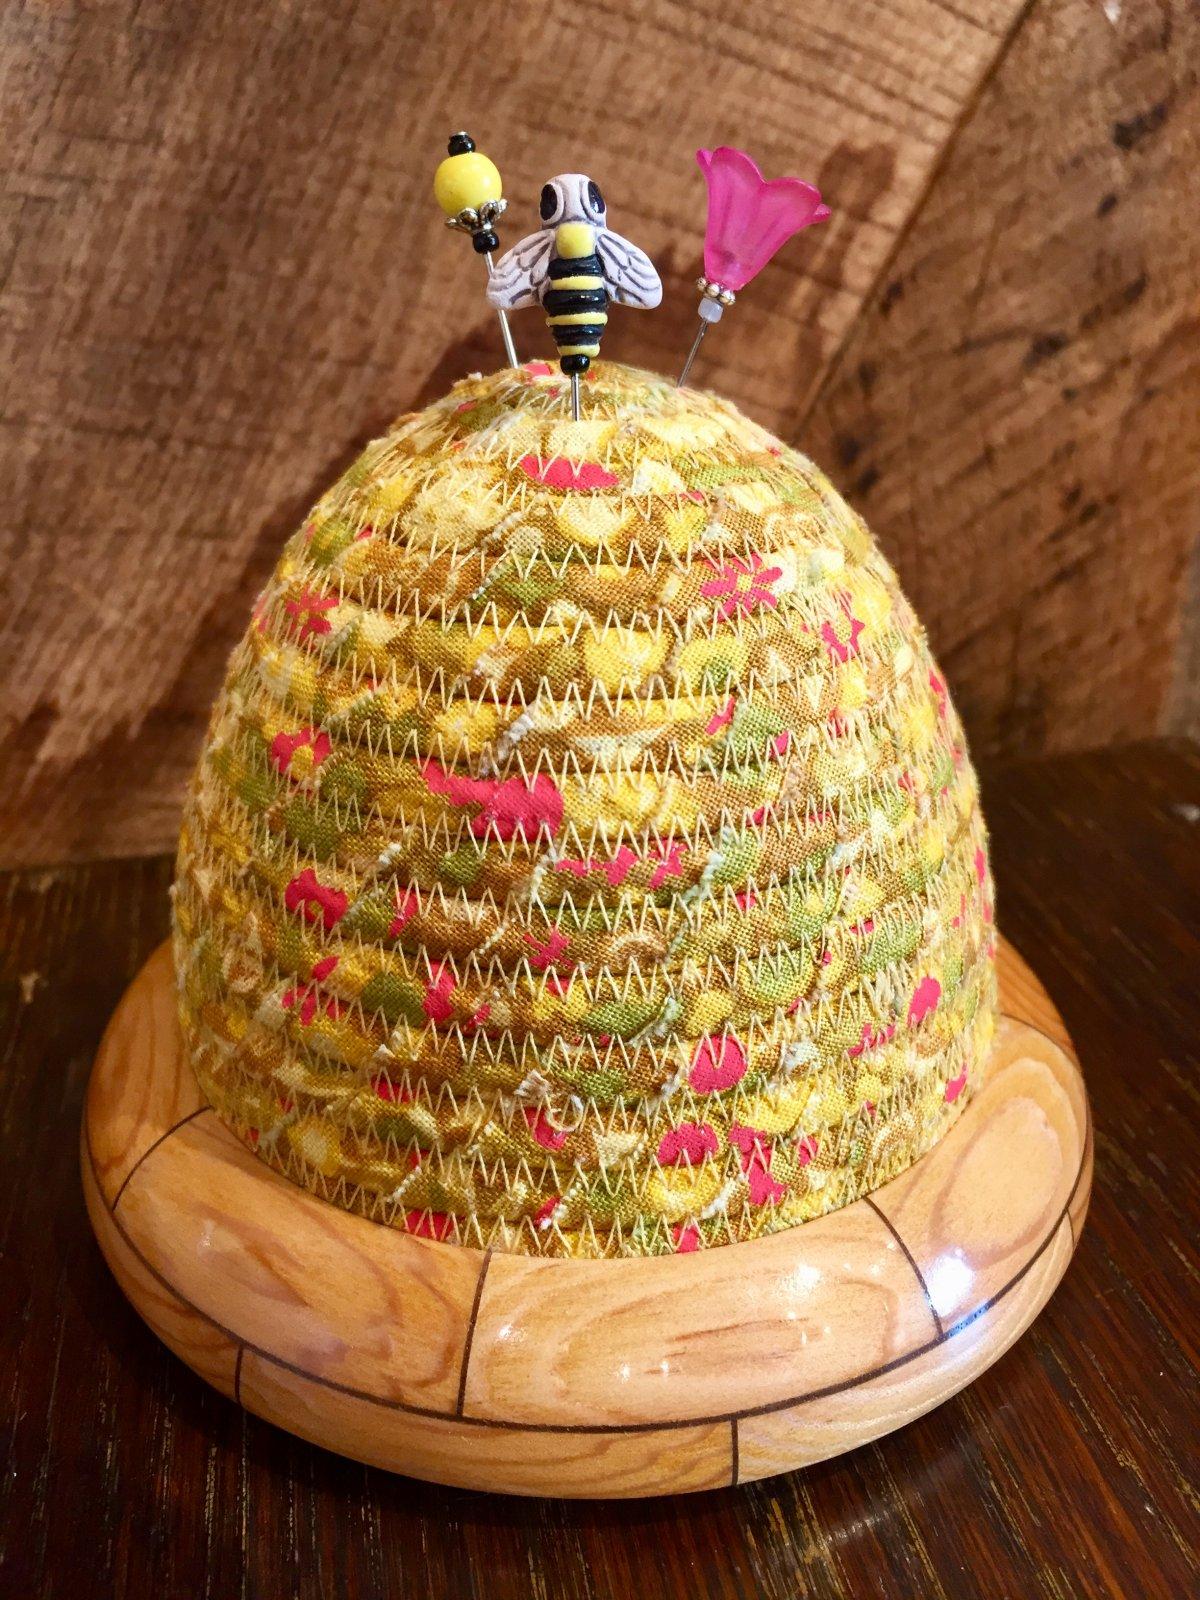 Beehive Pincushion - Sun Print Tuesday - Sunflower - Sugar Pine / Walnut Base